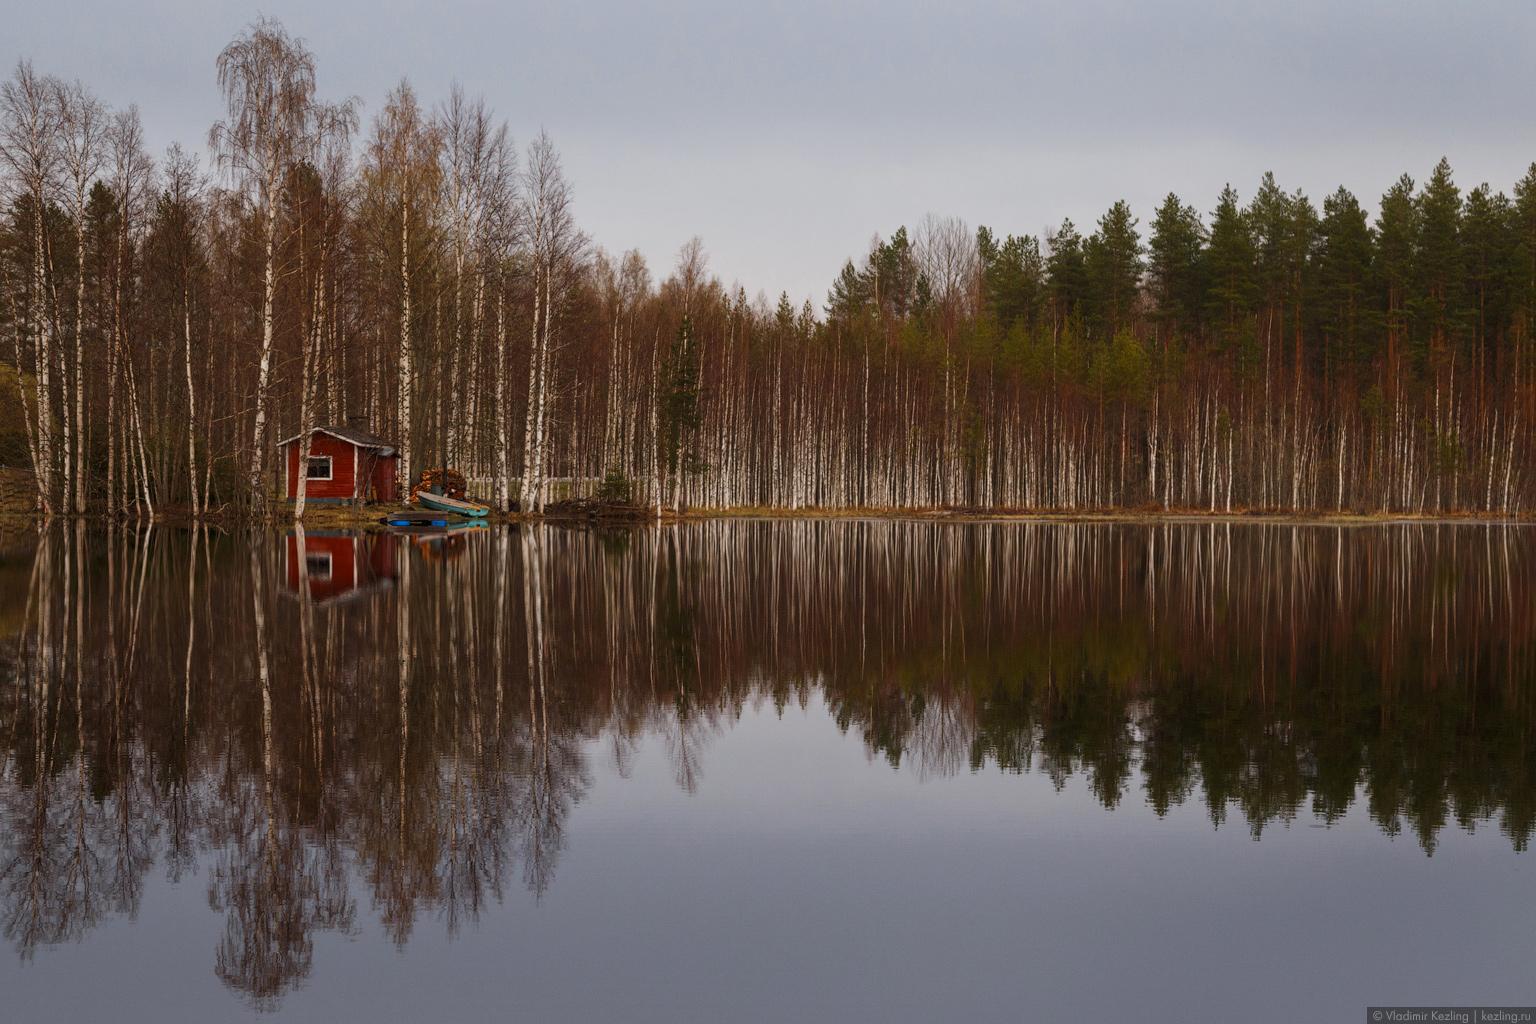 Идём на север! День 1. Старт экспедиции, национальный парк «Коли», озёра Савиярви и Ийярви